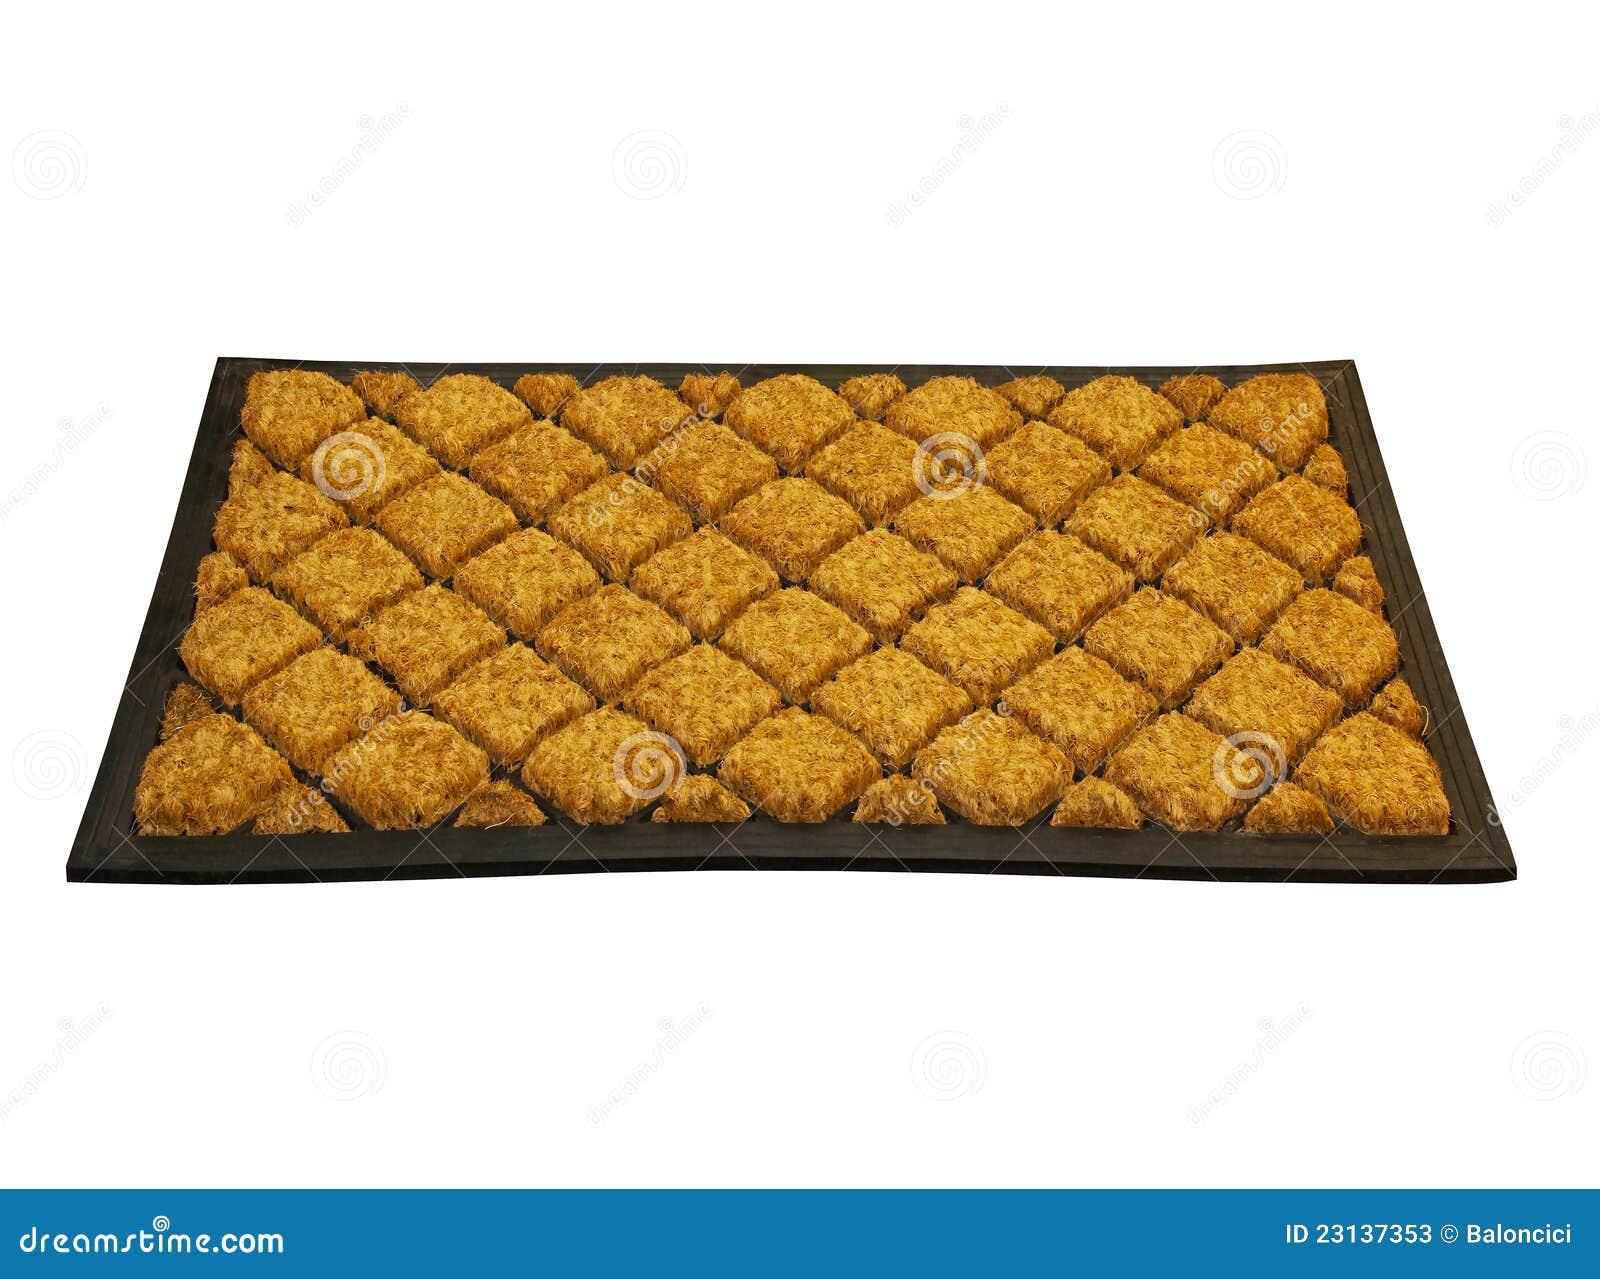 Doormate  sc 1 st  Dreamstime.com & Doormate stock image. Image of doormate flat doormat - 23137353